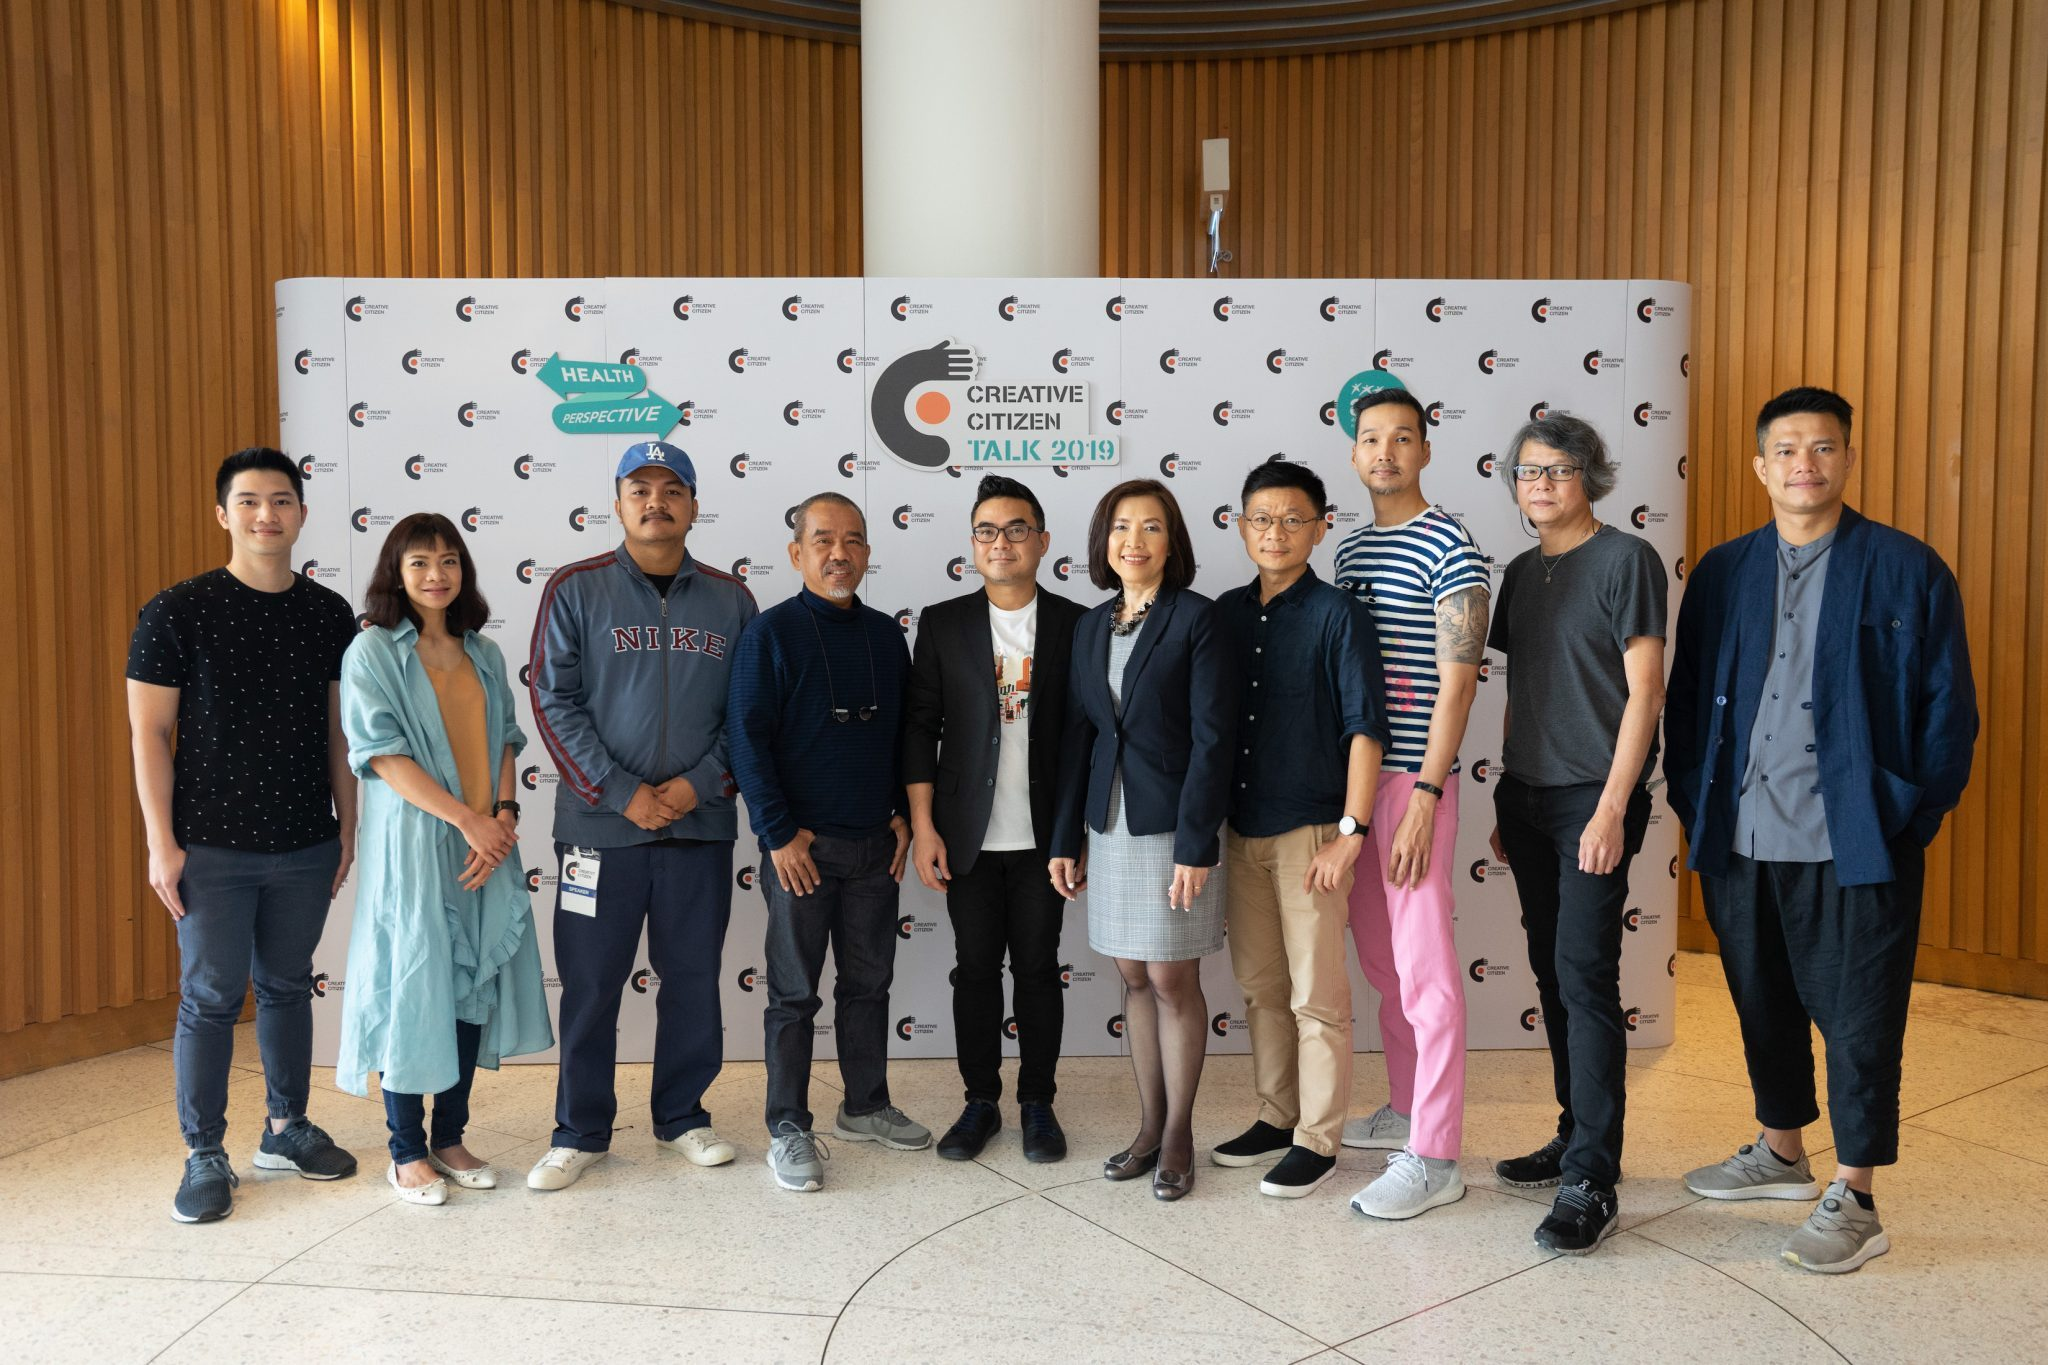 รวมพลัง 10 นักสร้างสรรค์สุขภาวะ ส่งต่อแรงบันดาลใจ ในงาน Creative Citizen Talk 2019: Health Perspective